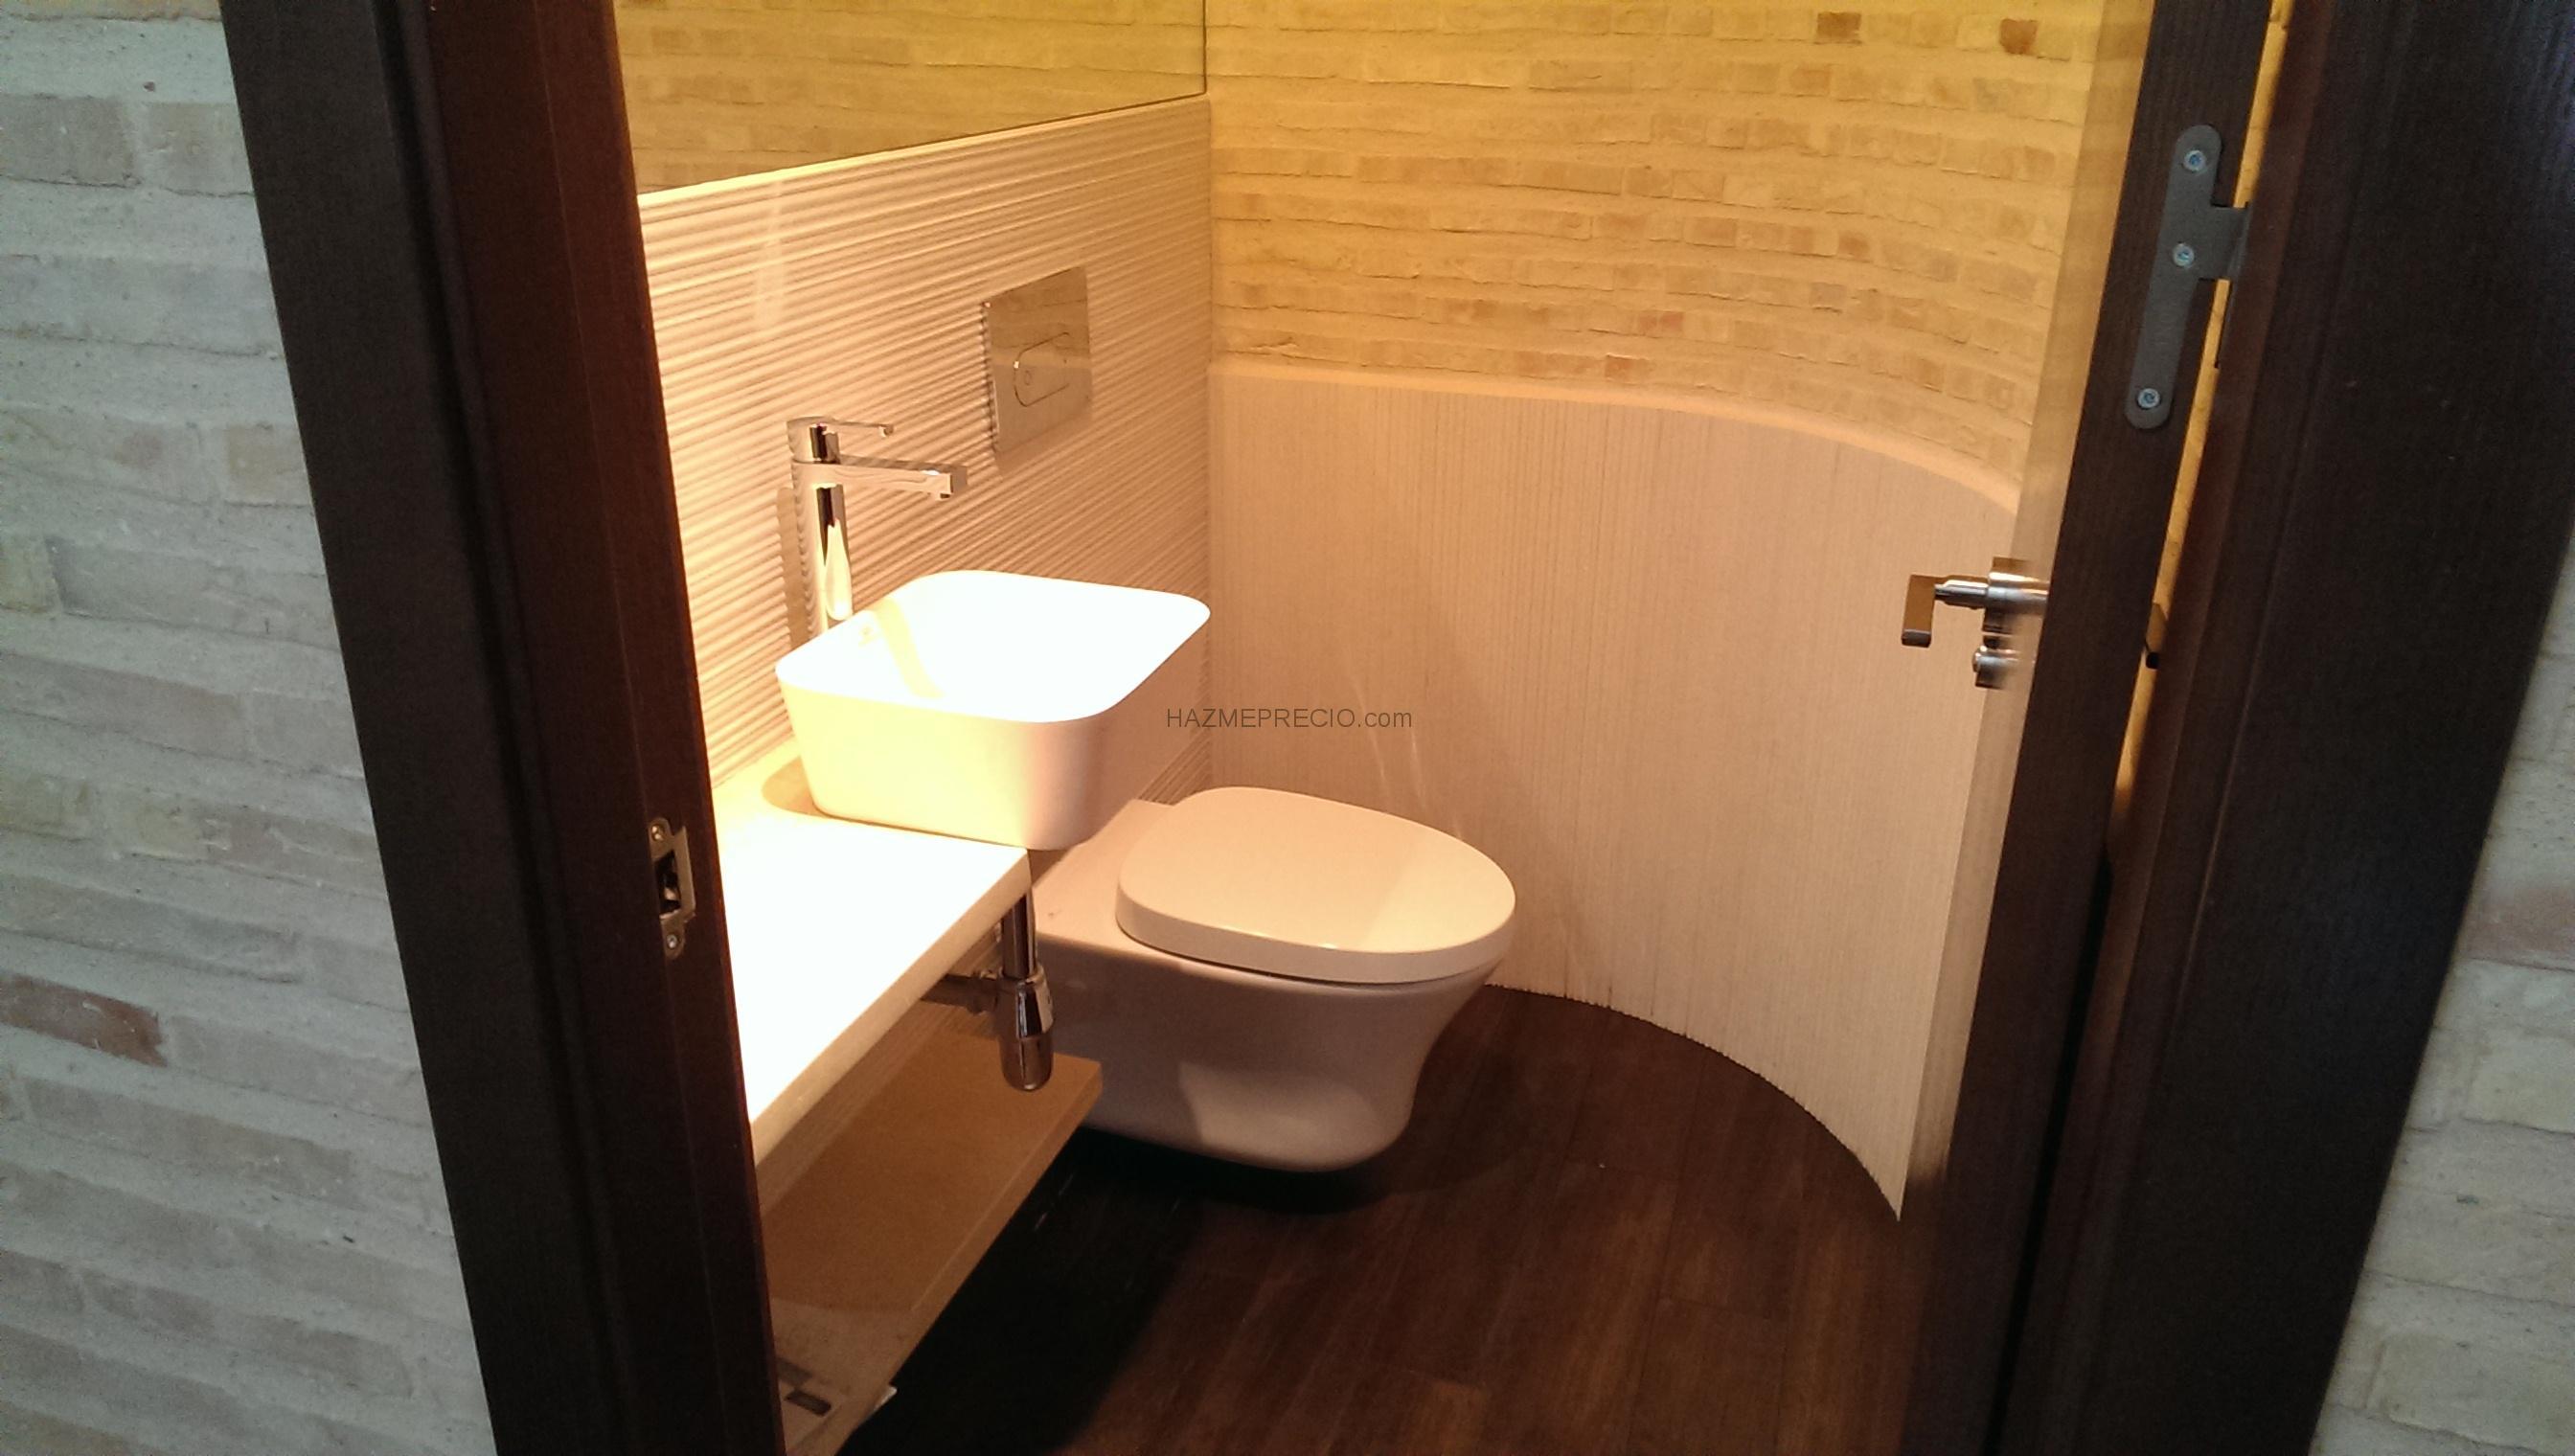 Baños Con Zocalo De Madera: de parquet de madera de roble teñido en nogal y pintura de vivienda